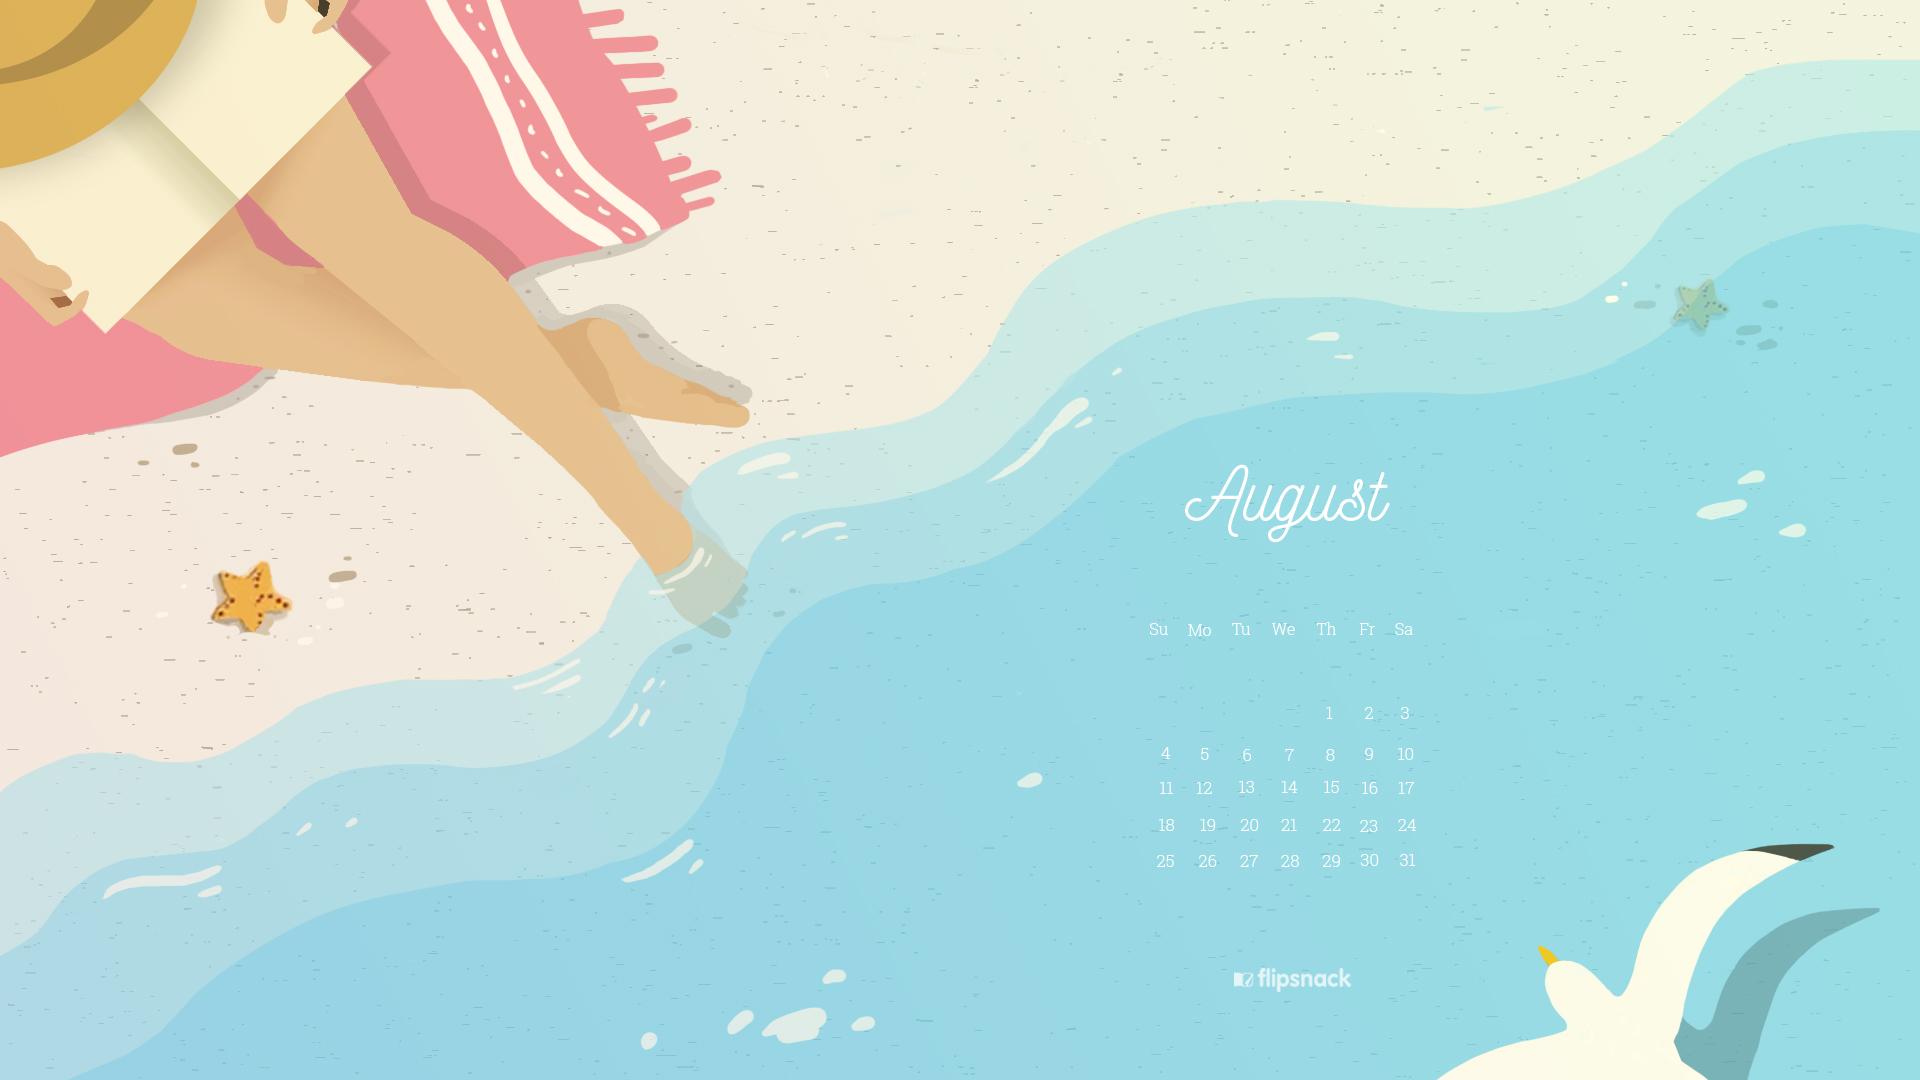 free august 2019 wallpaper calendar